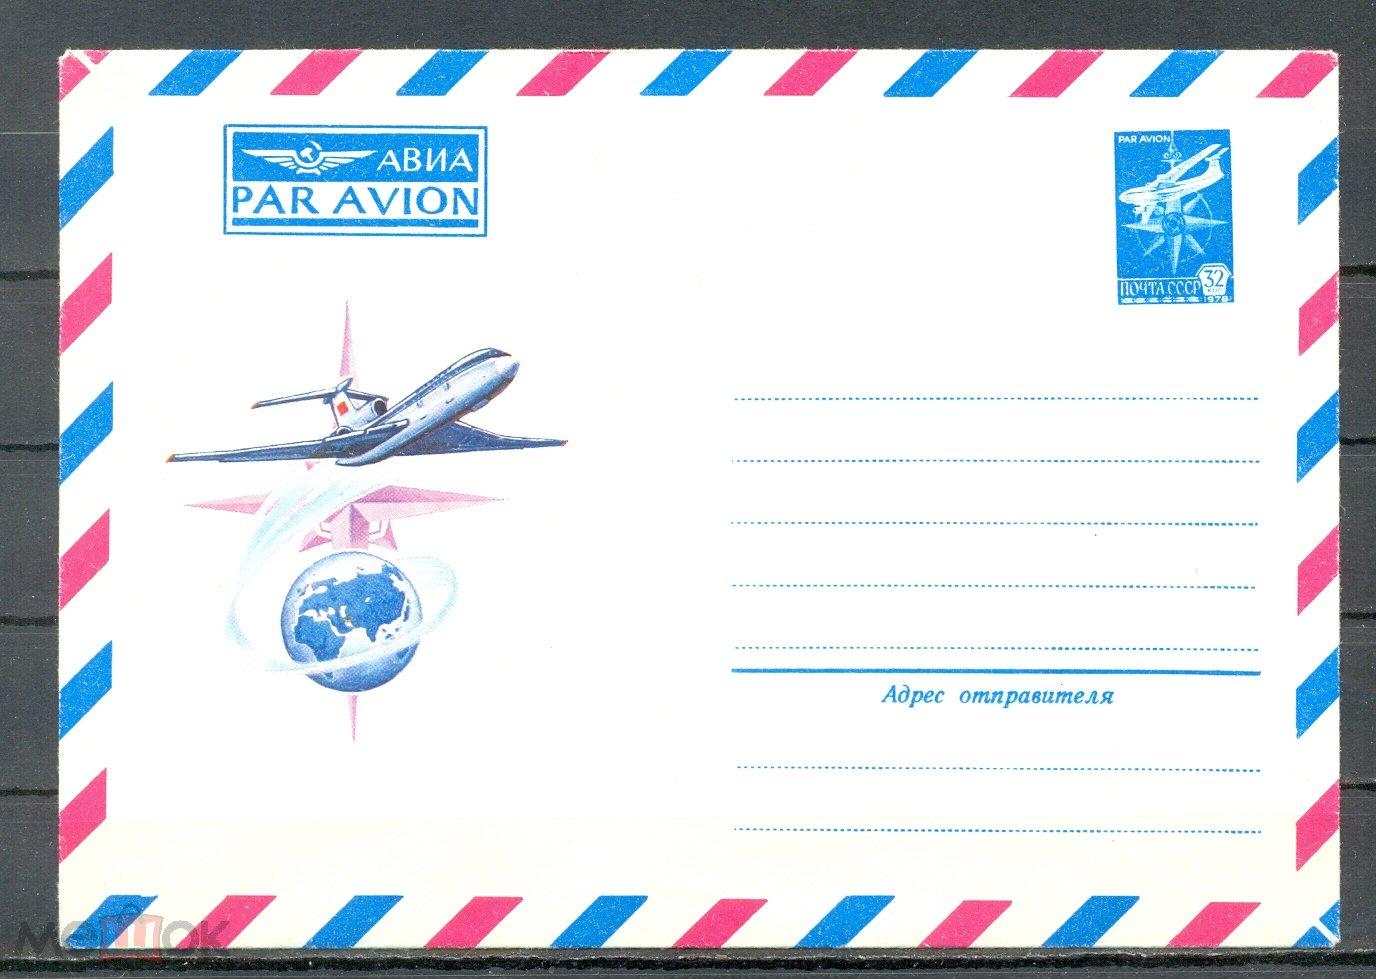 Картинках, отправка открытки авиапочтой